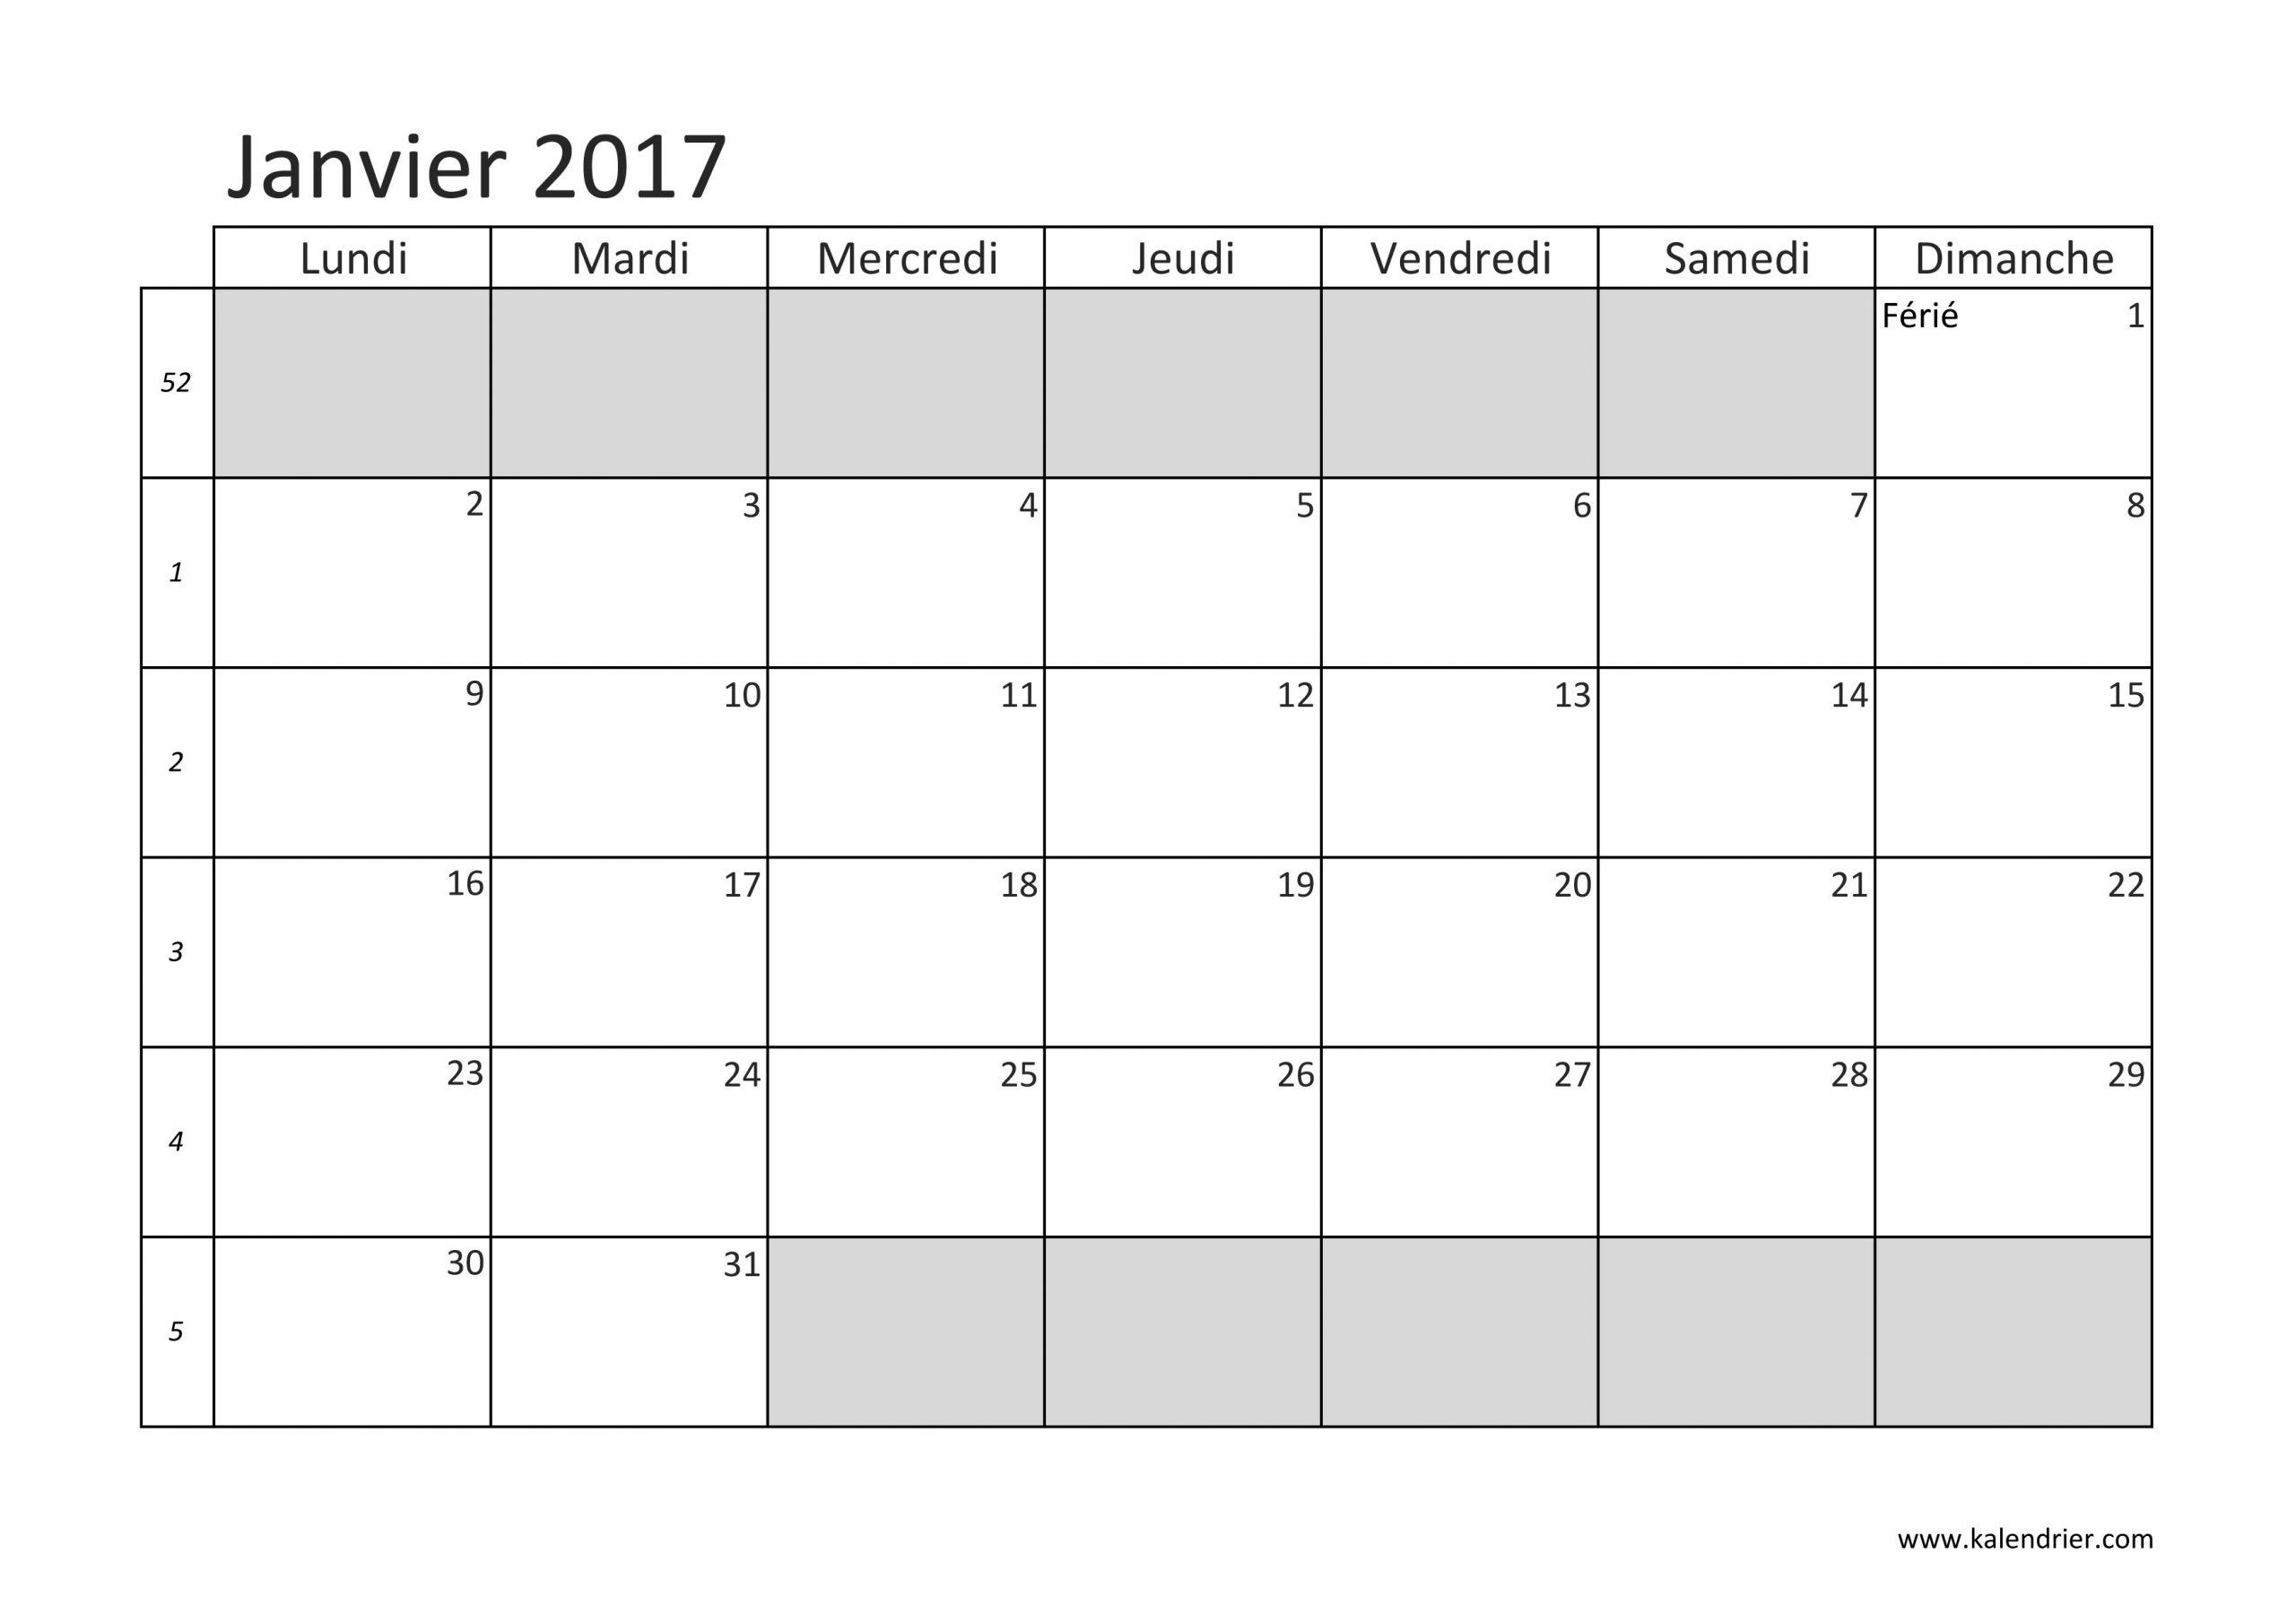 Imprimer Calendrier 2017 Gratuitement - Pdf, Xls Et Jpg dedans Imprimer Un Calendrier 2017